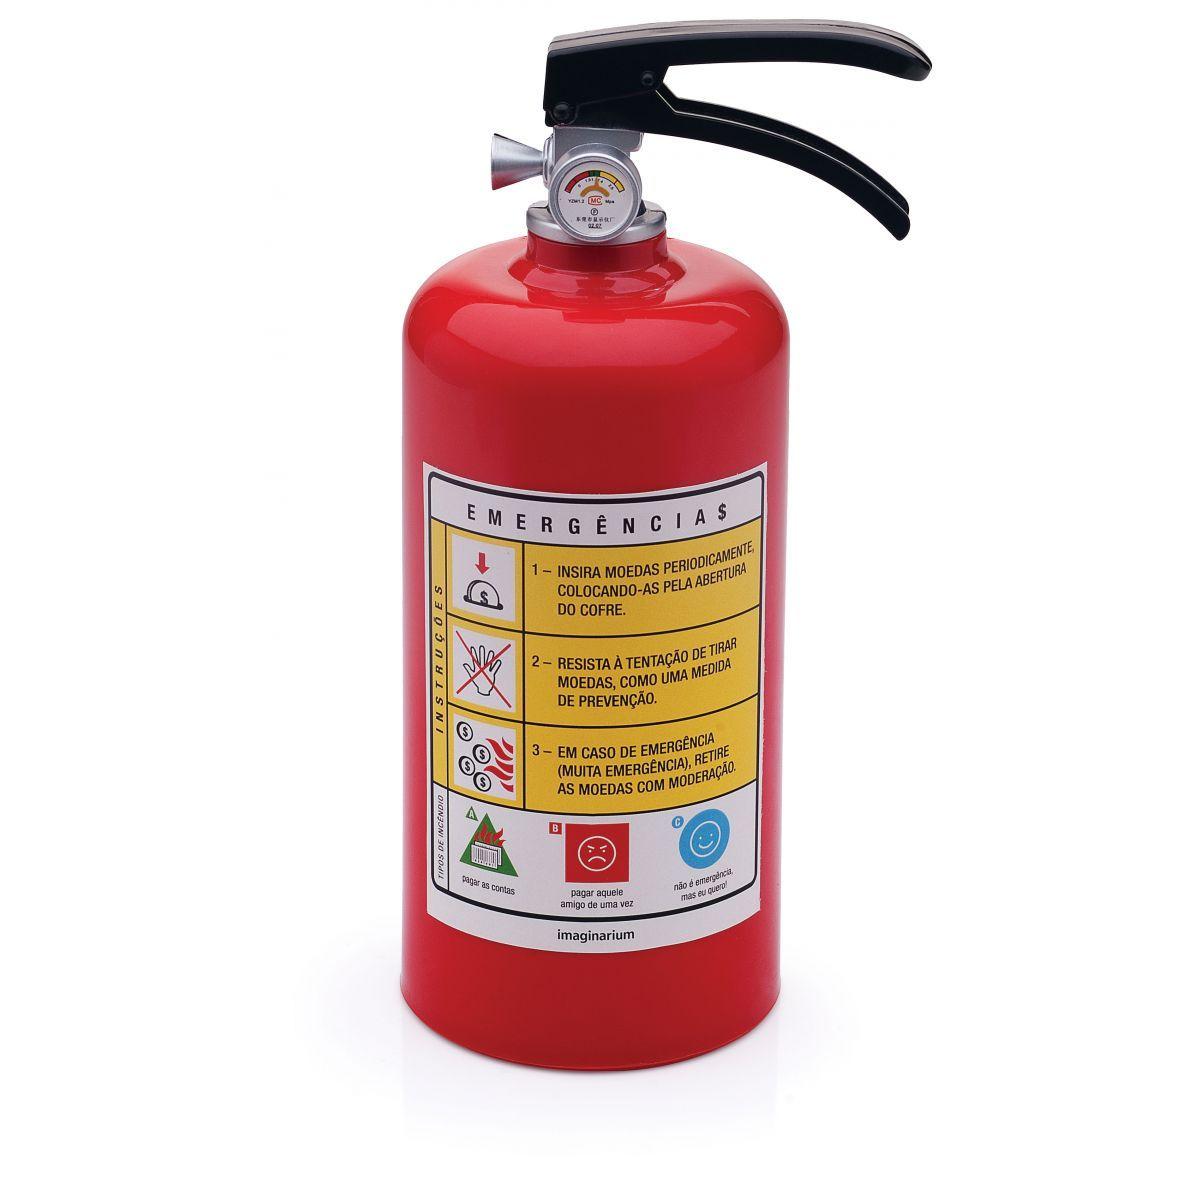 Comprar extintor para casa latest extintor kg abc eficcia ab bilia with comprar extintor para - Extintor para casa ...